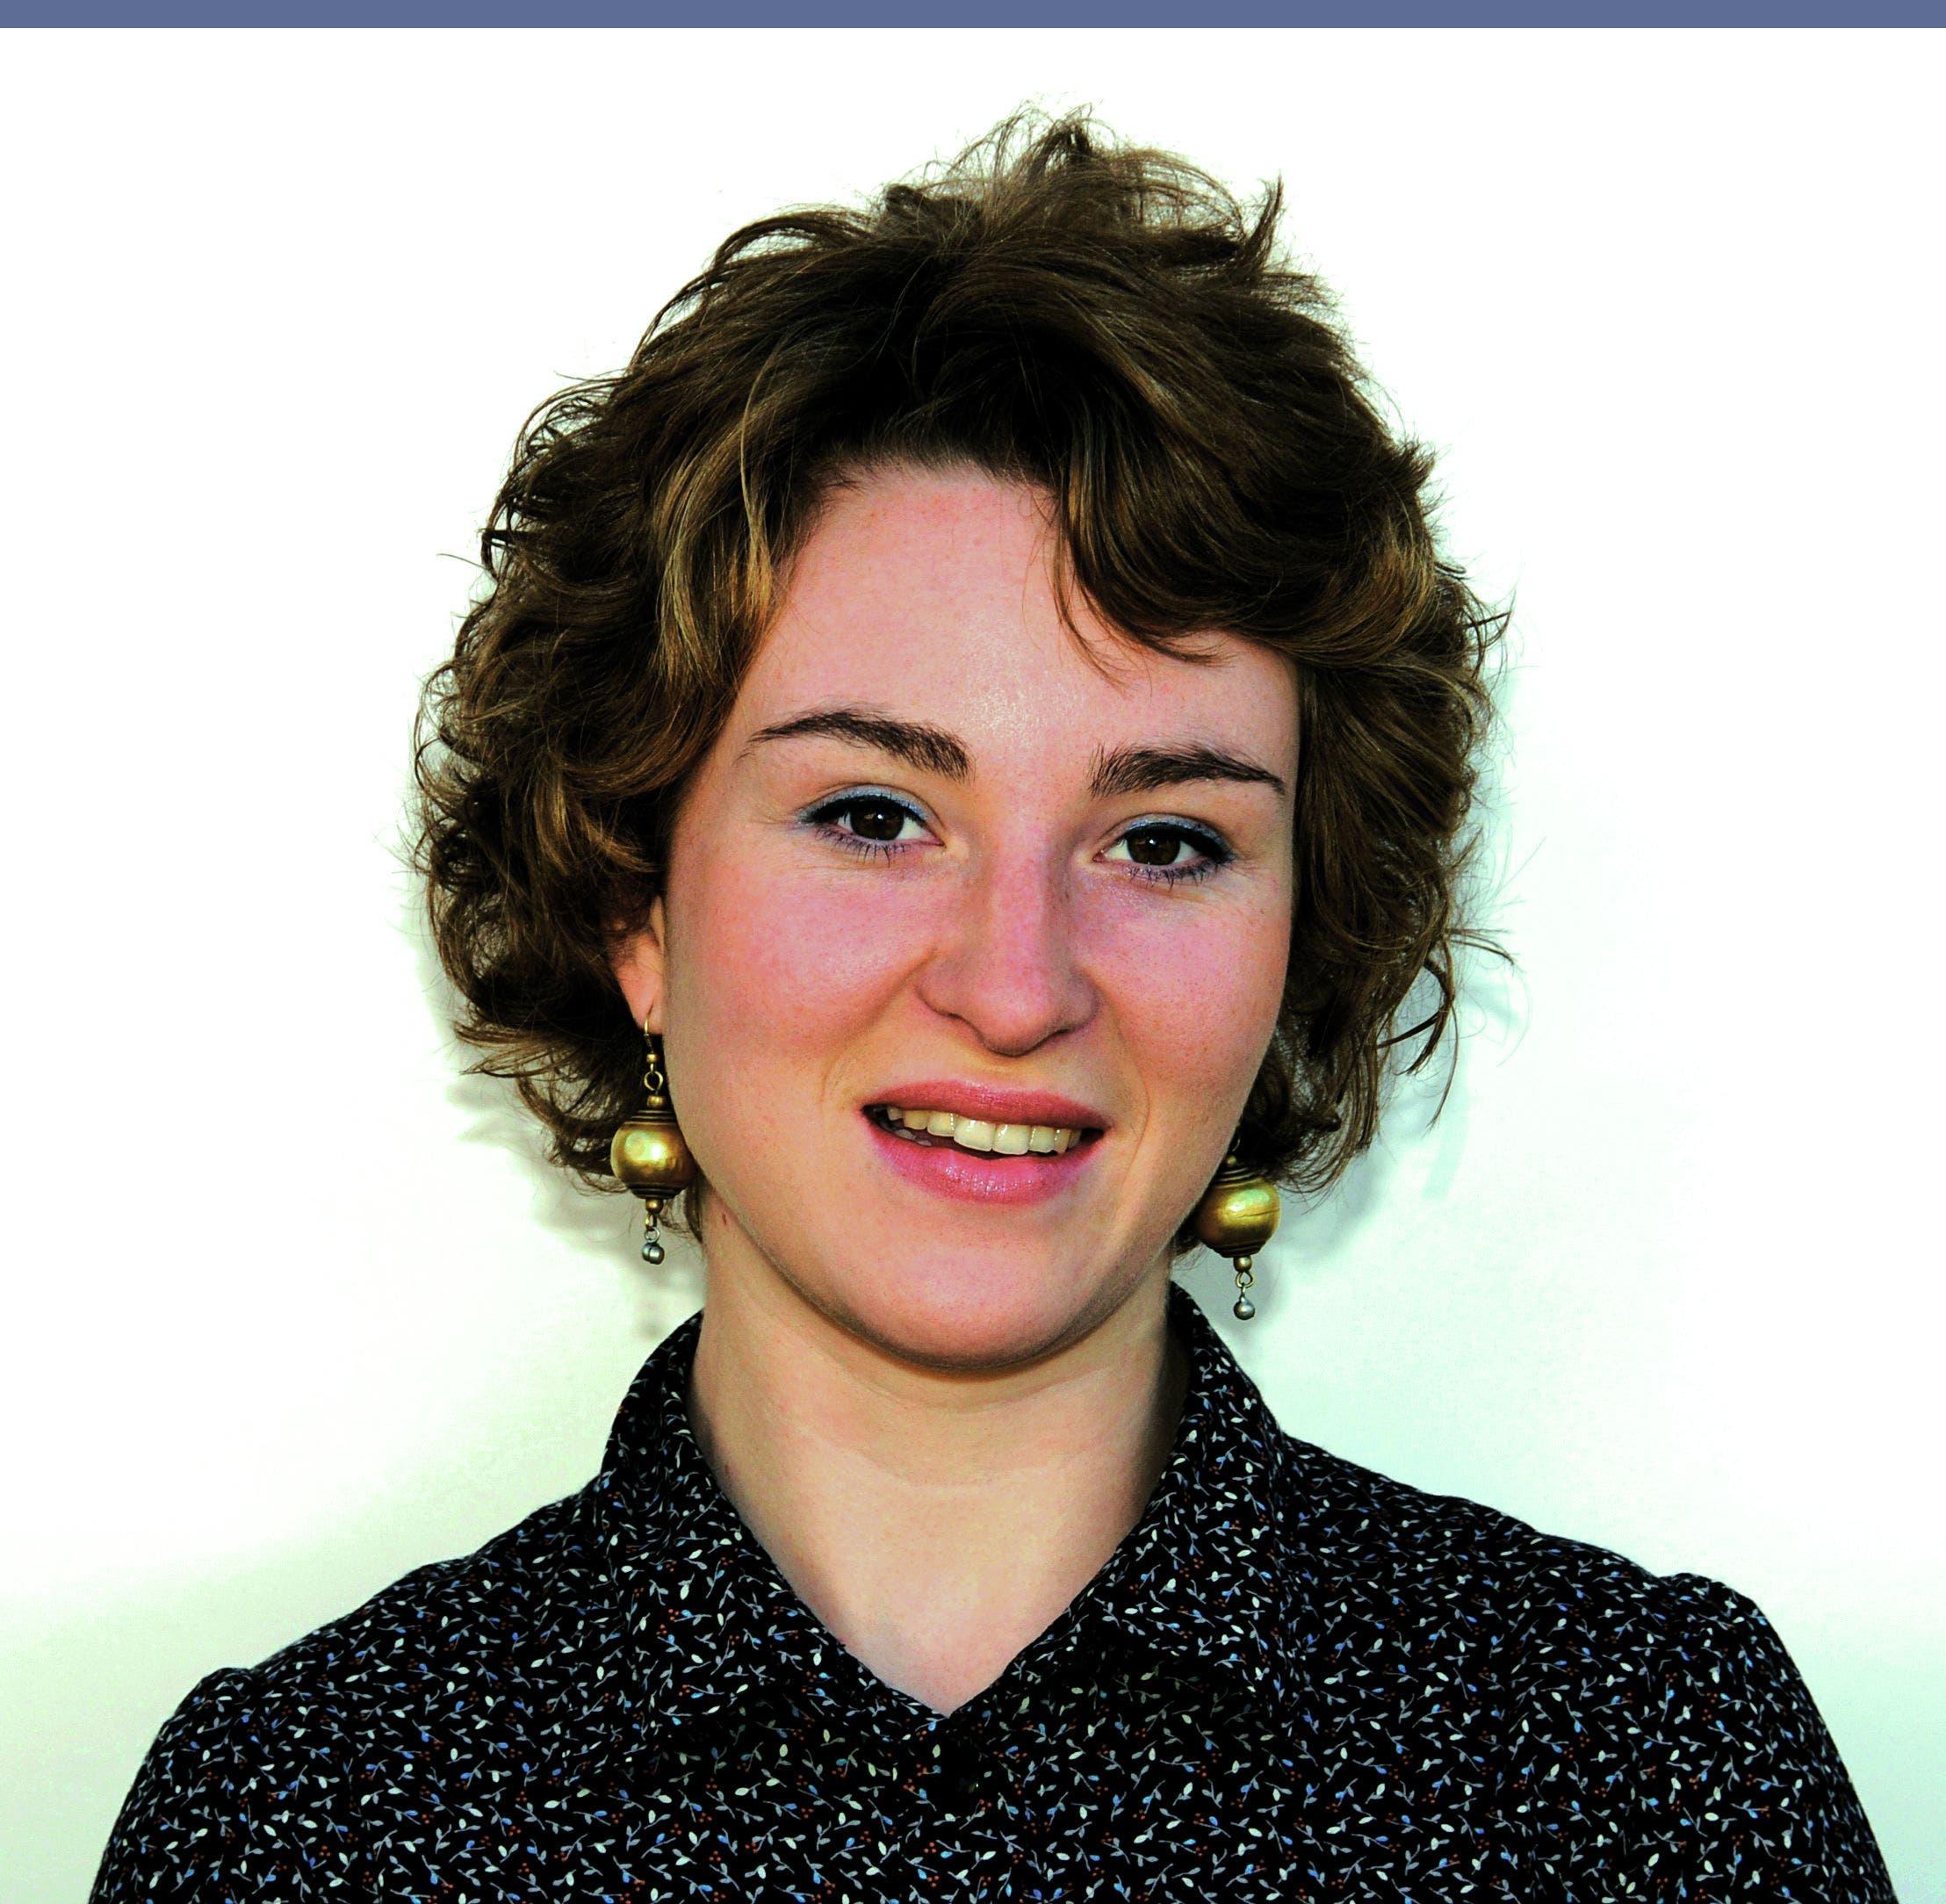 Irène Kälin, geboren 1987 in Lenzburg, studierte Islamwissenschaft und Religionswissenschaften an der Universität Zürich. In die Politik rutschte sie nebenbei, sie wollte sich engagieren. «Ich hatte schon immer ein Problem mit Ungerechtigkeiten, ich wollte etwas dagegen tun.»